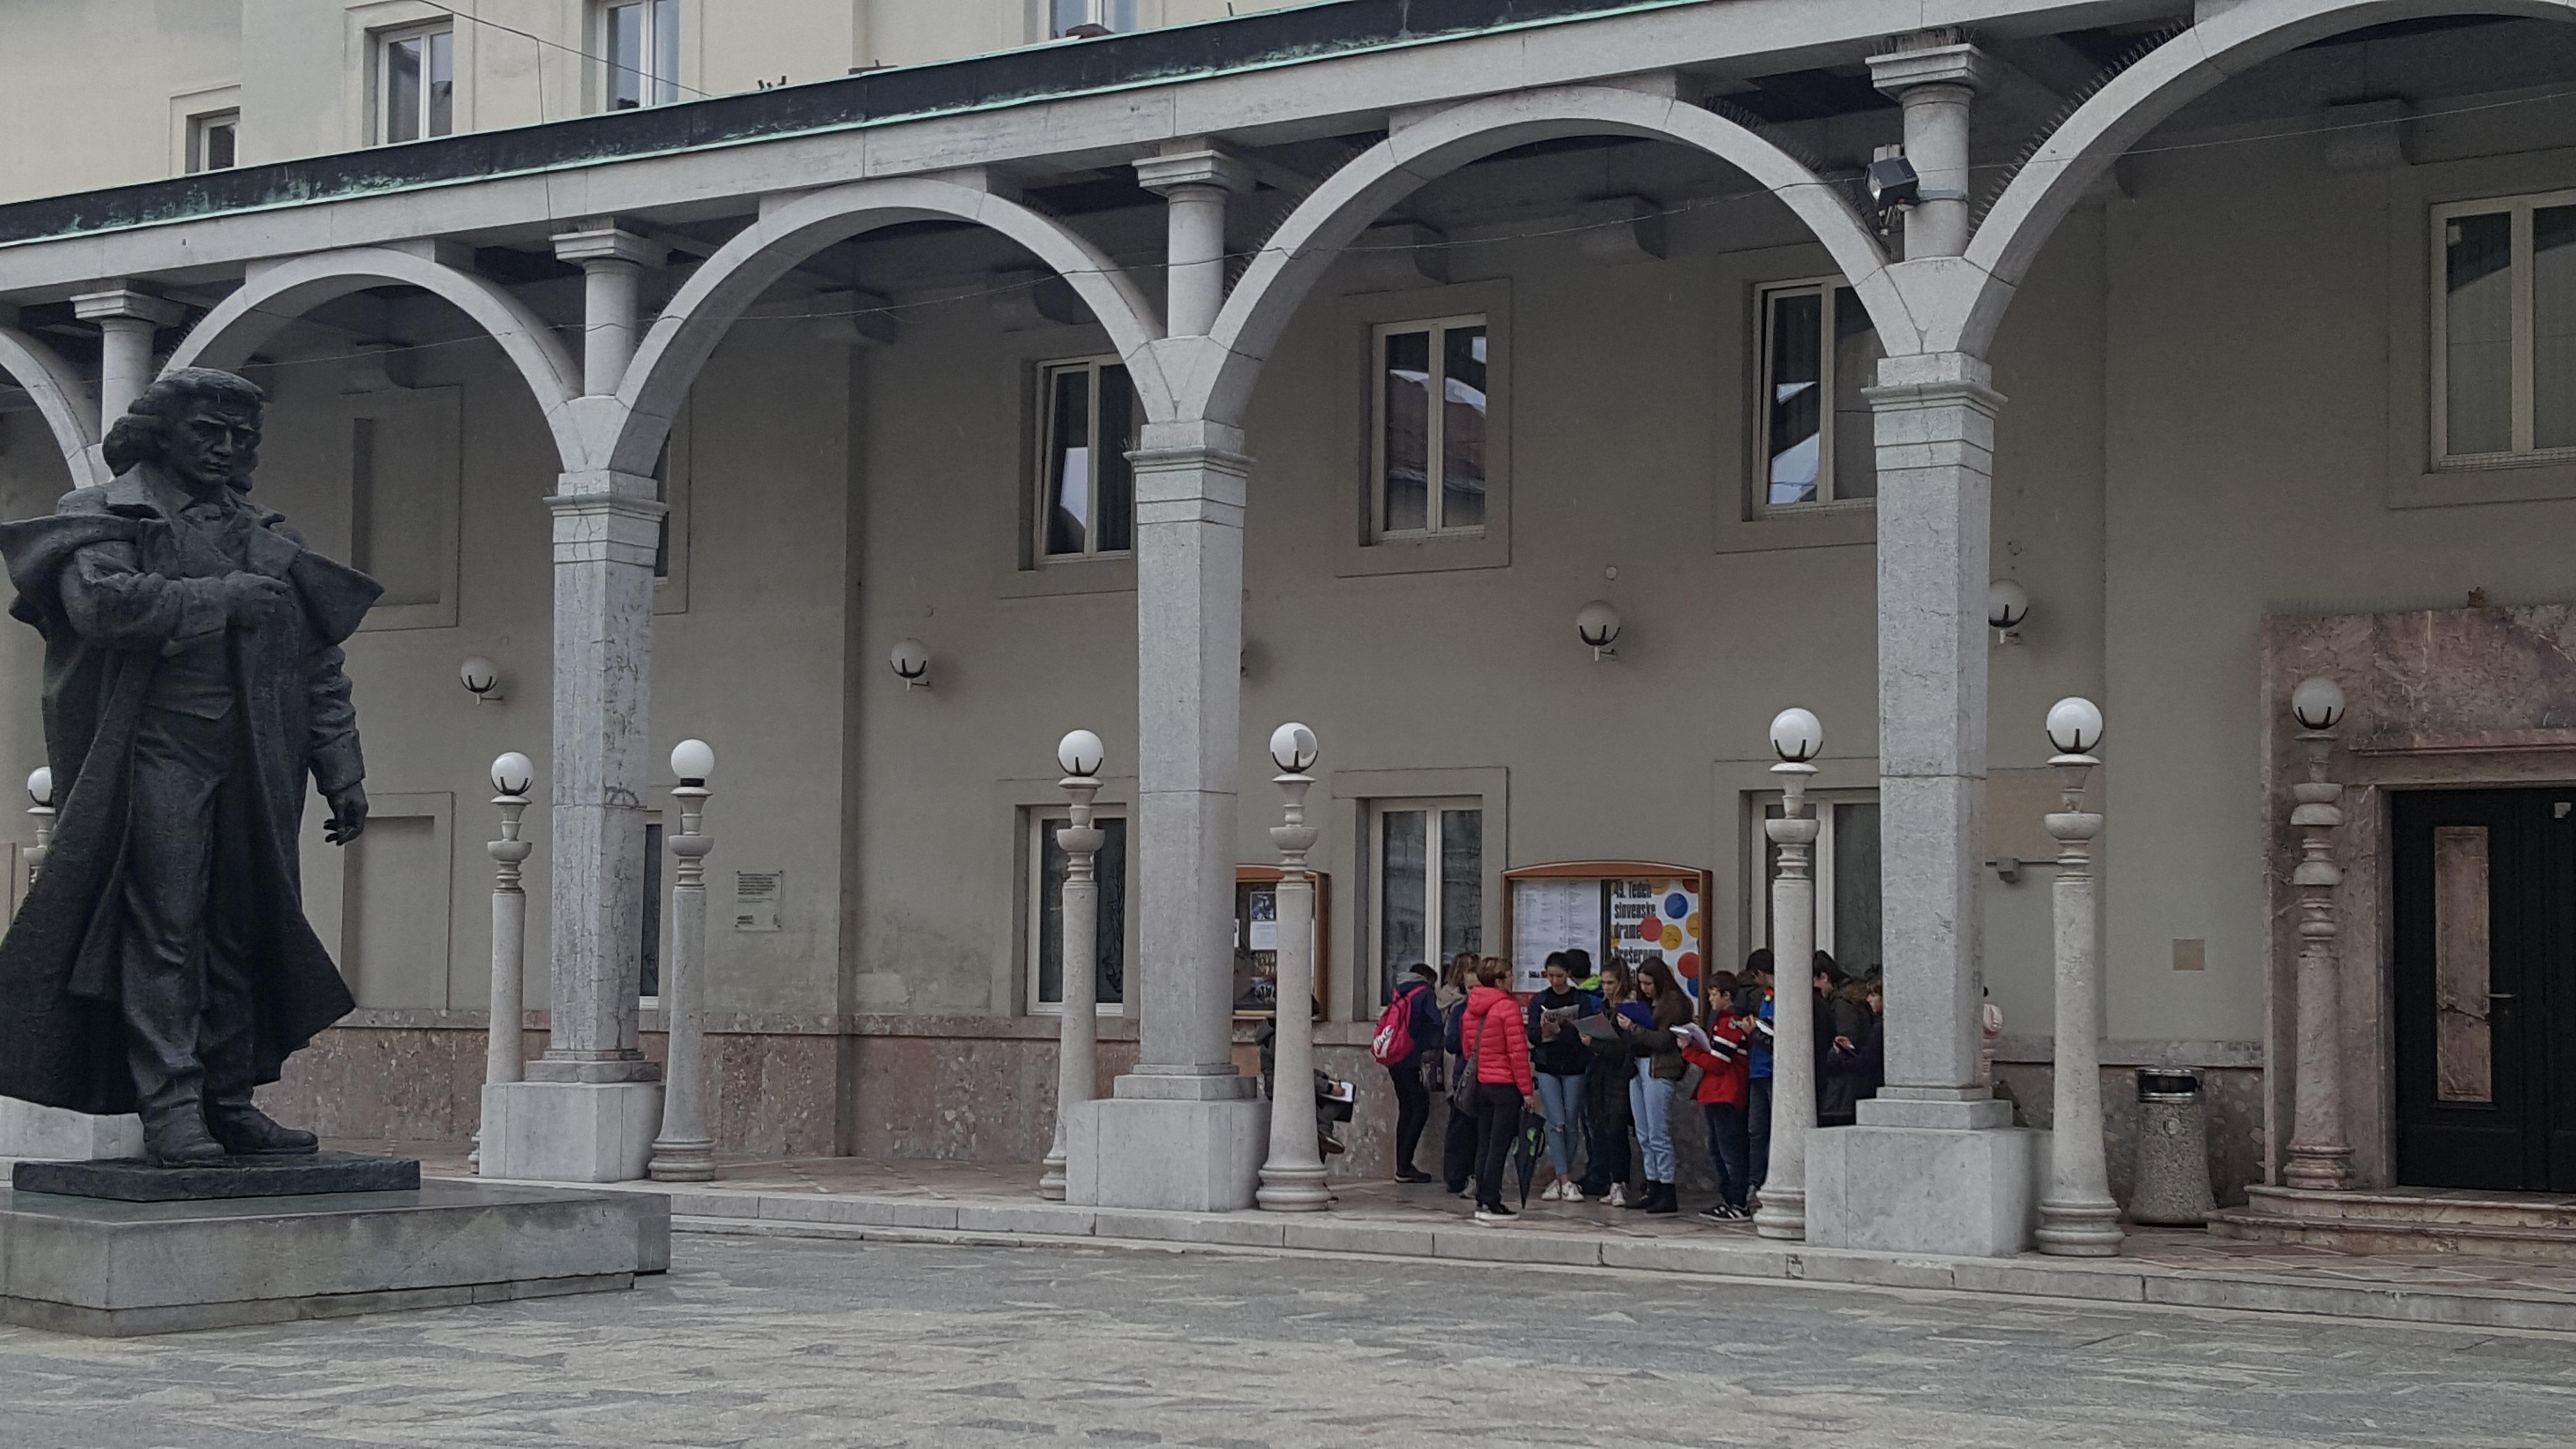 prešernovo gledališče